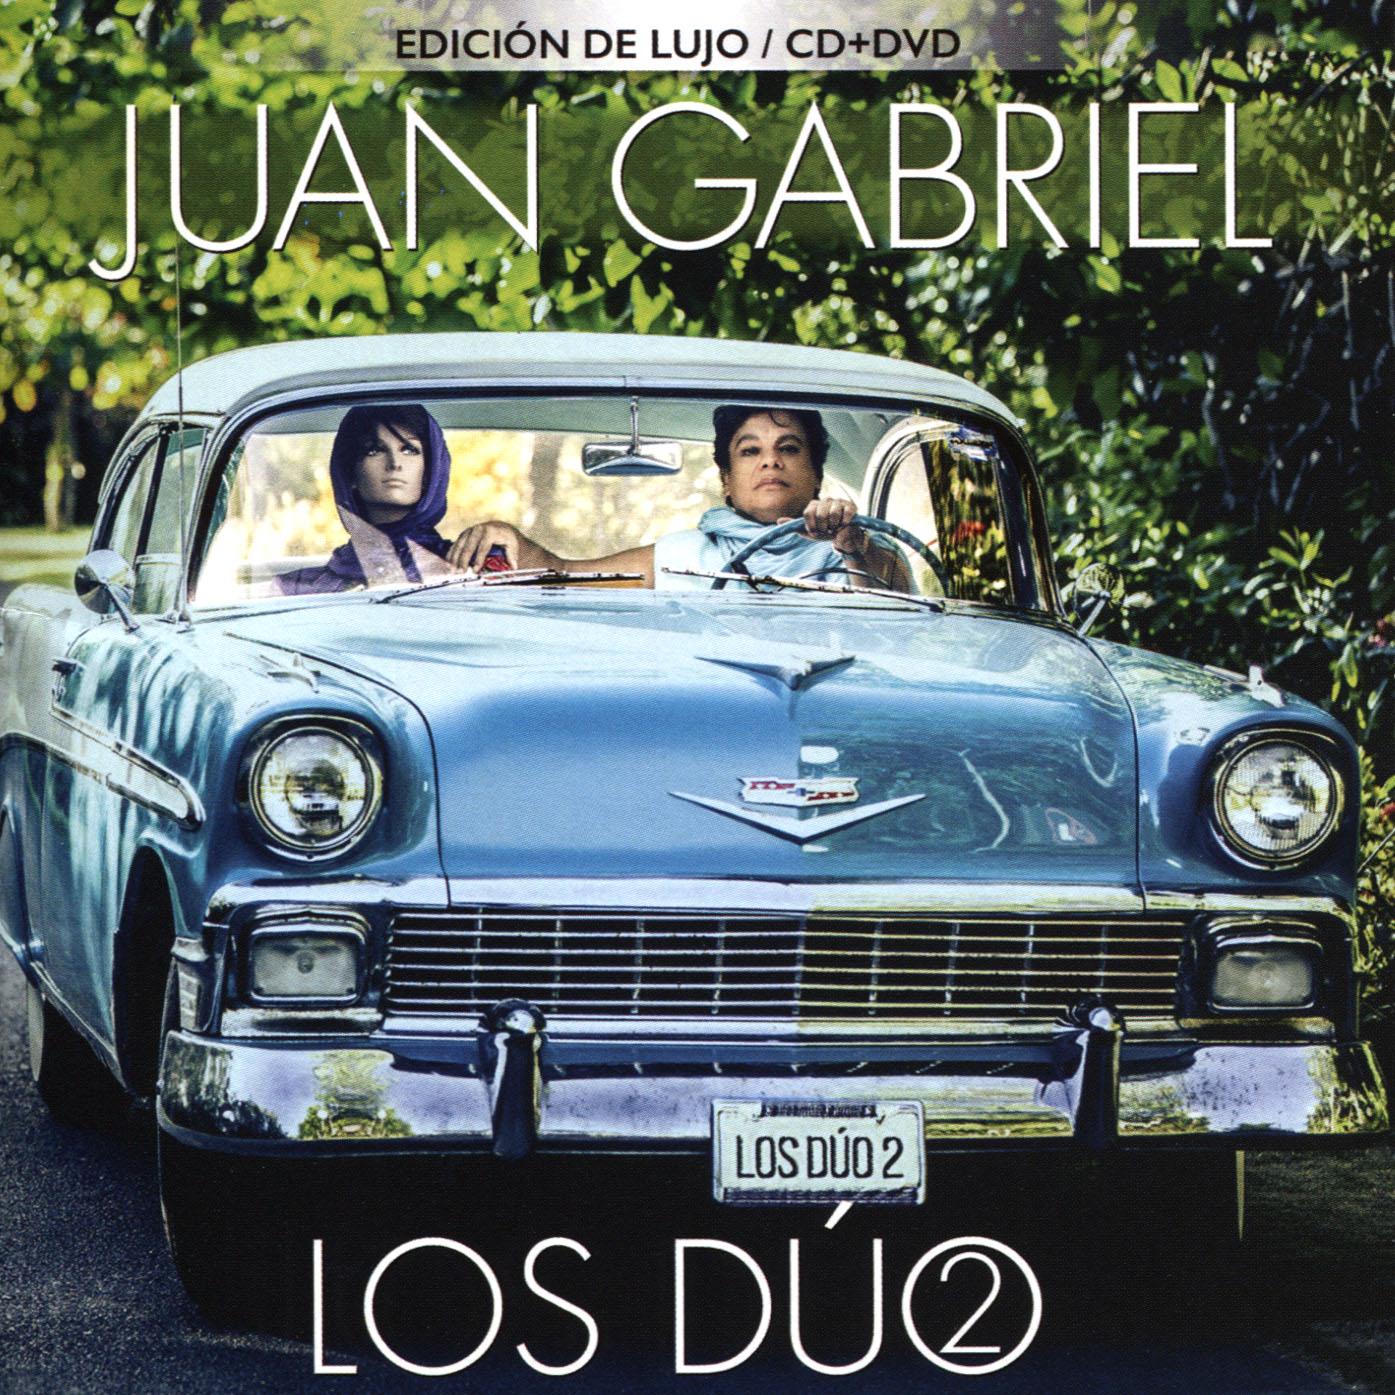 Juan Gabriel: Los Dúo 2